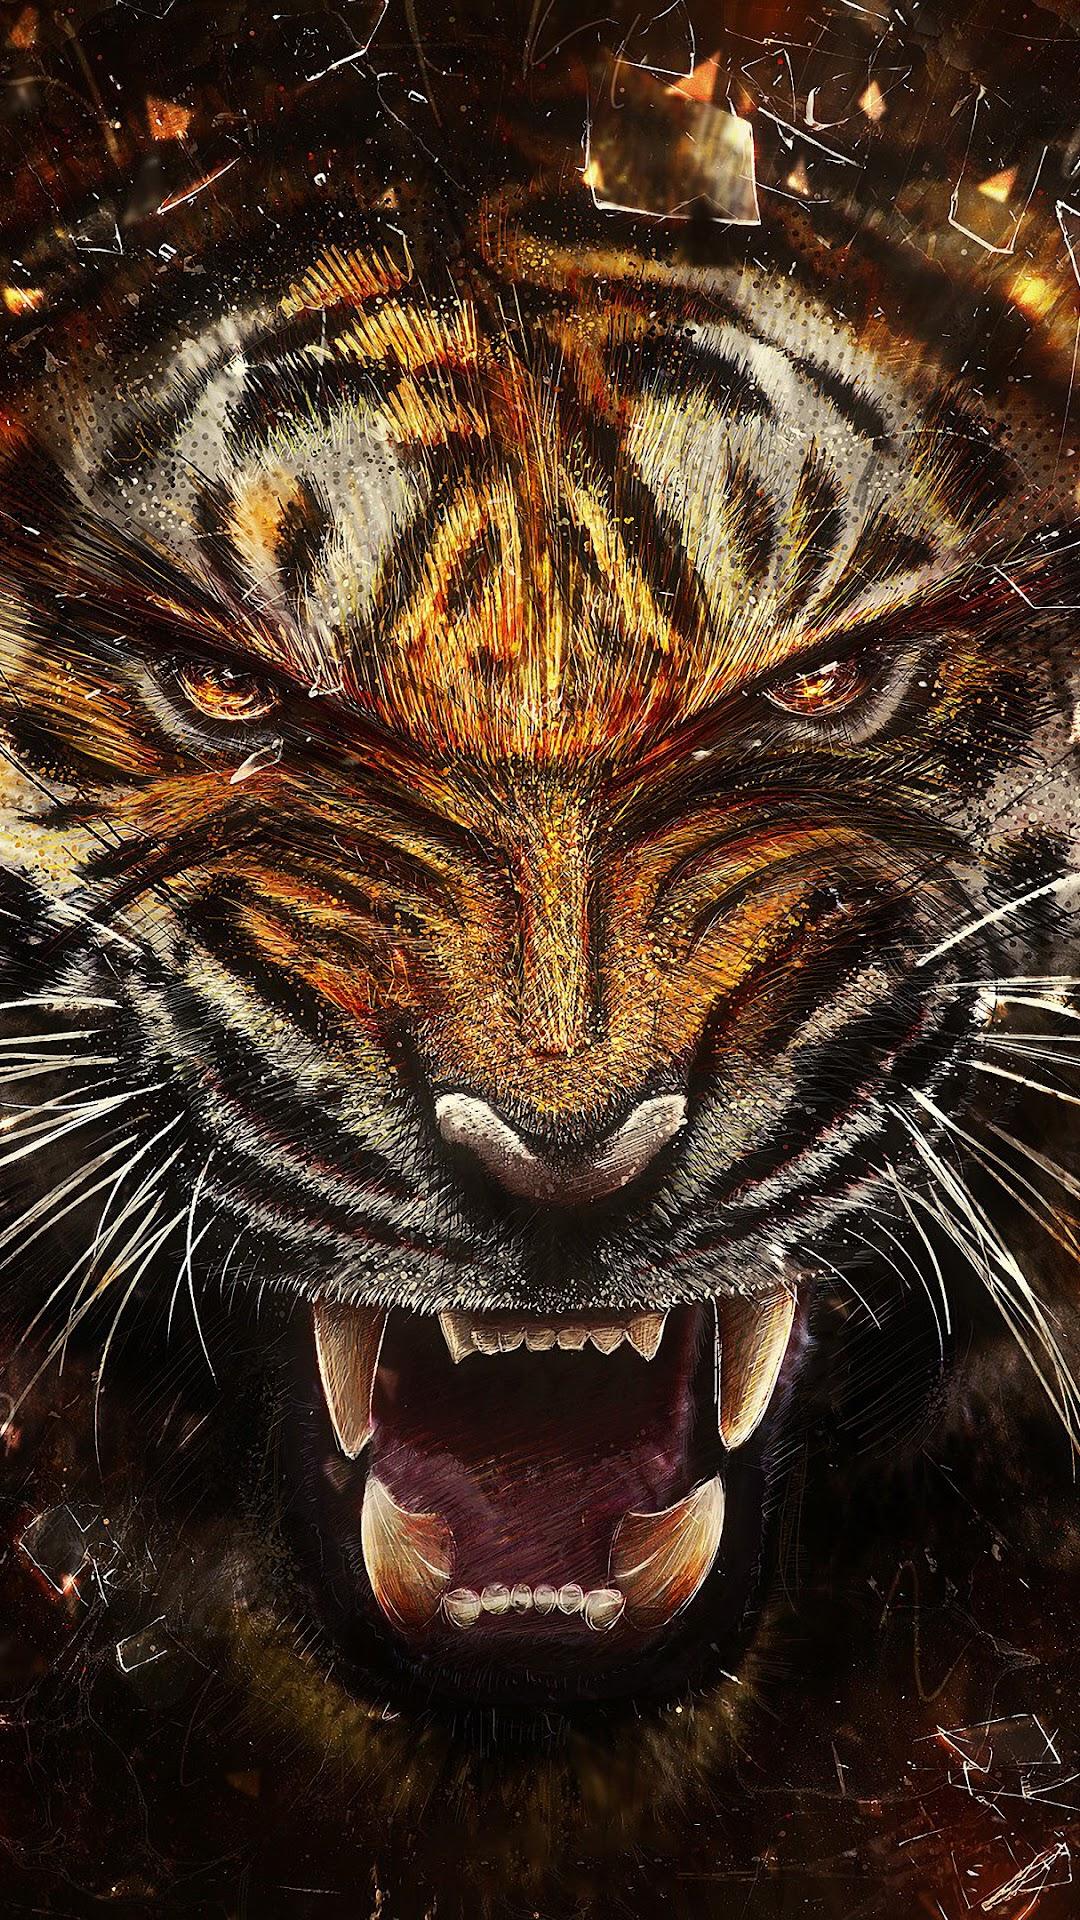 Tiger Growl 4k Wallpaper 24